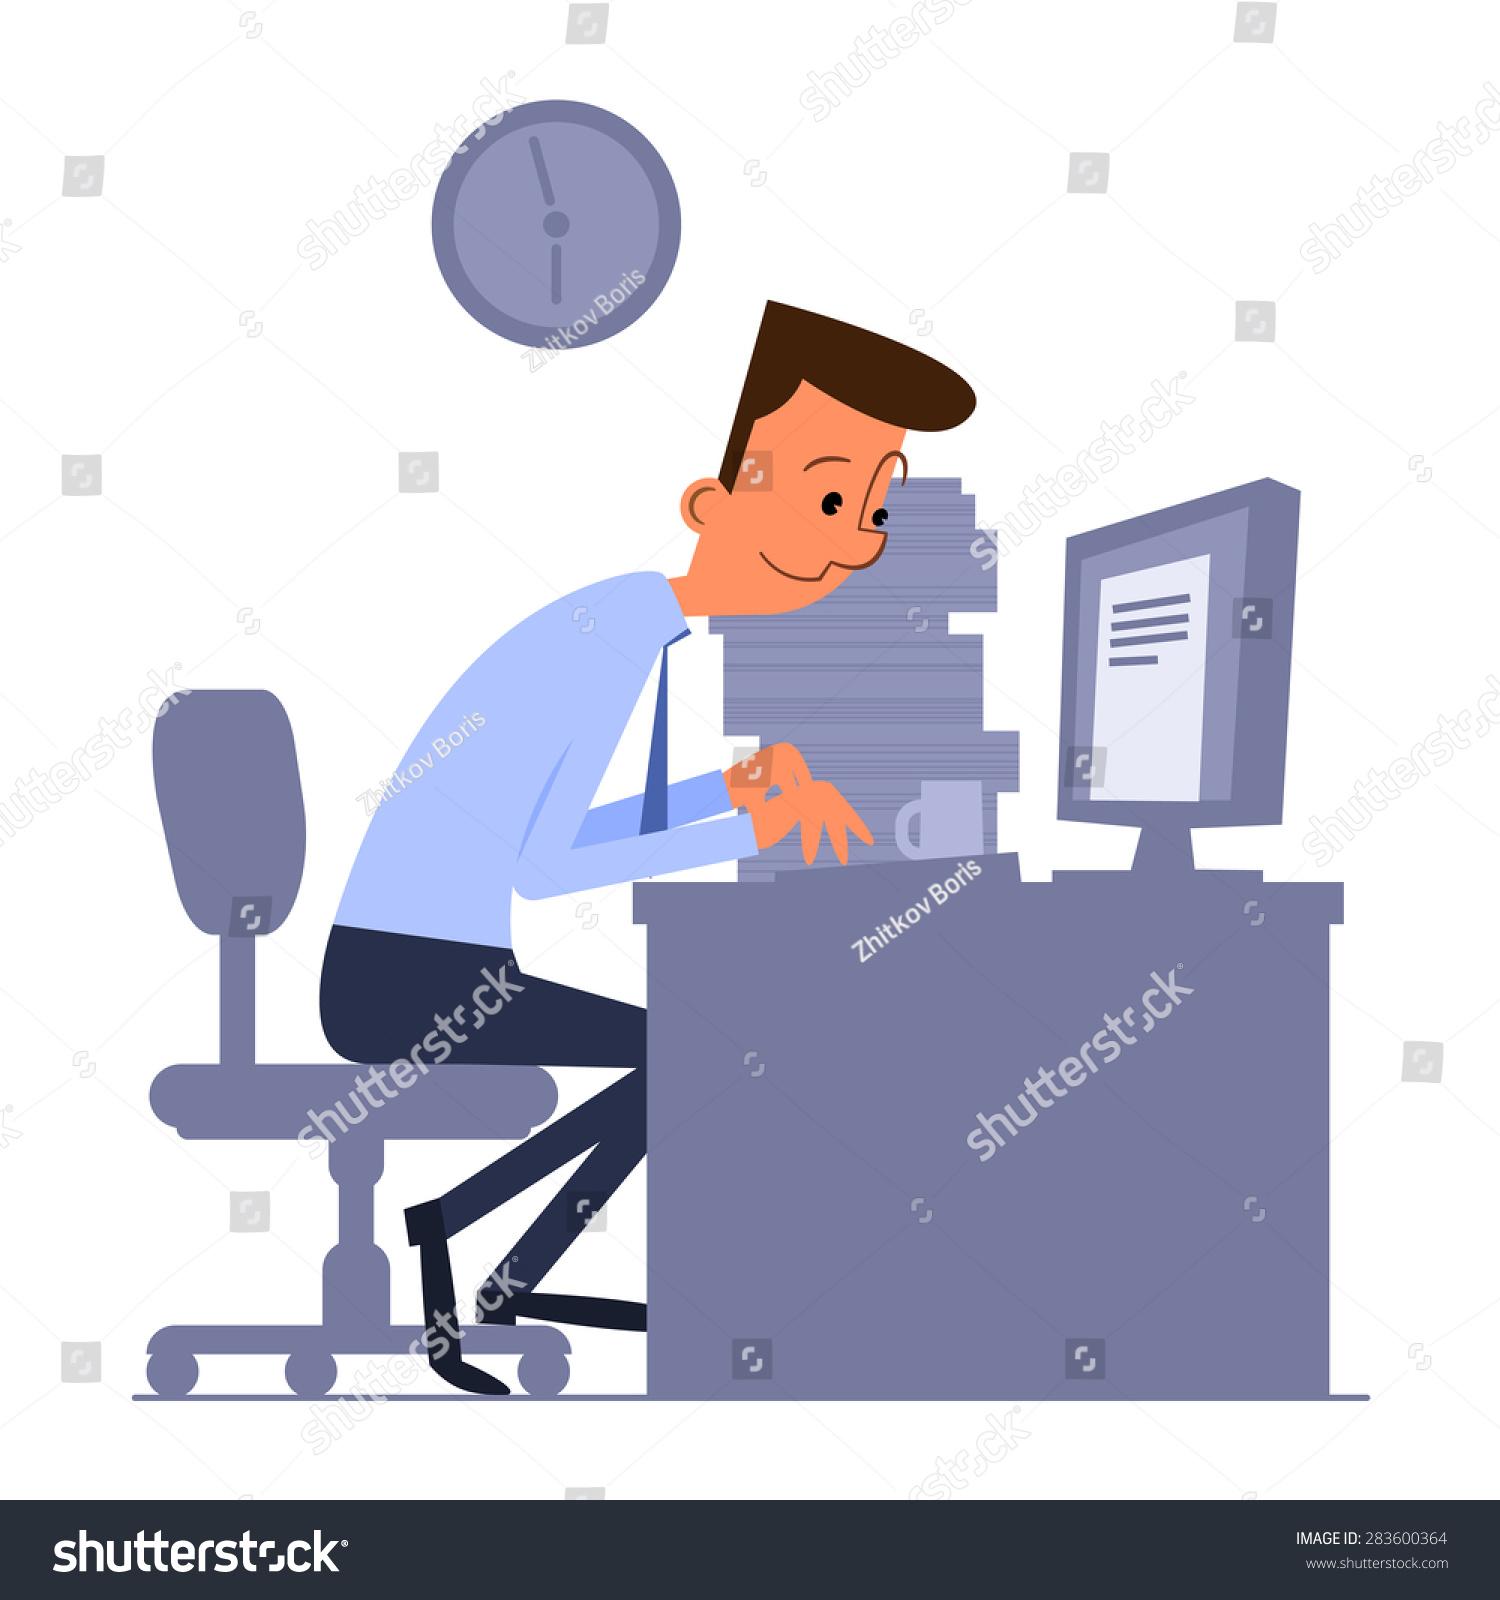 卡通办公室工作人员坐在电脑上打字-商业/金融,人物